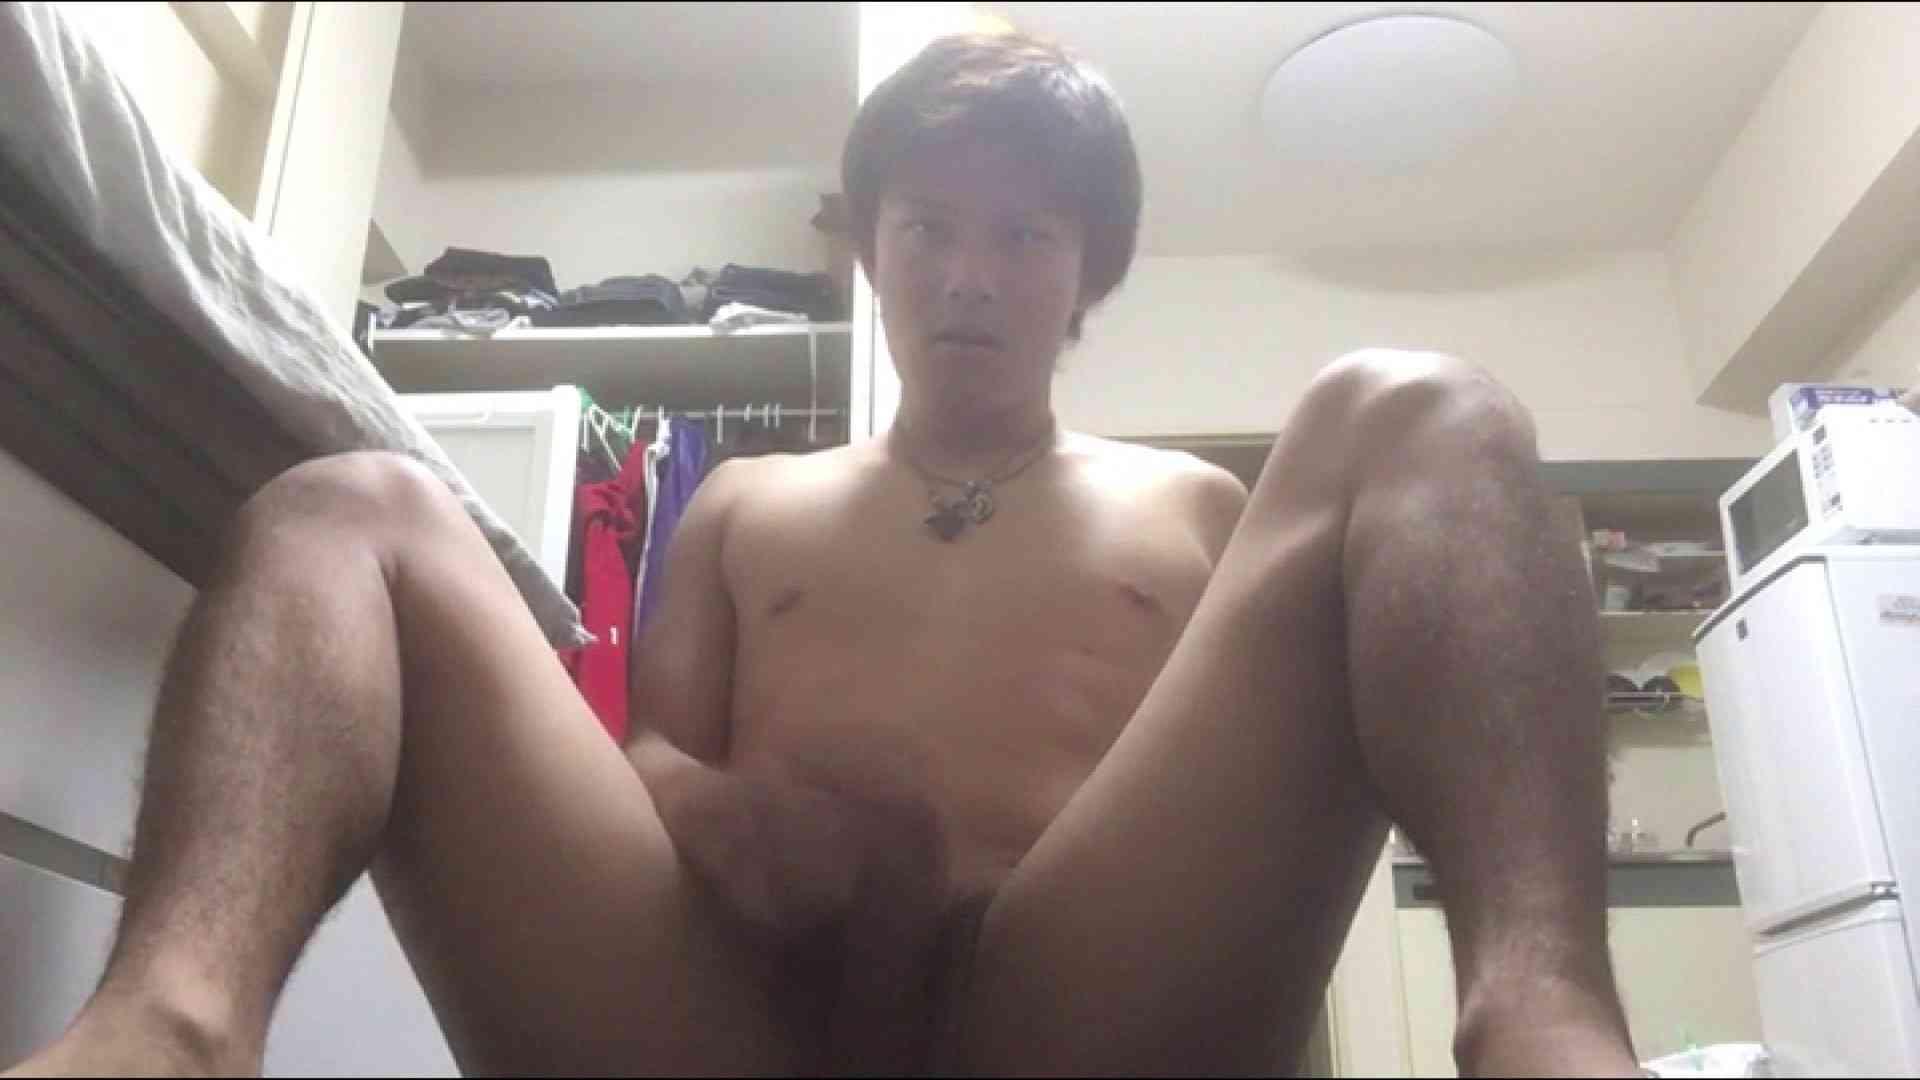 ゆめかわな男子のゆめかわオナニー   vol.14 自撮り ゲイエロ動画 94連発 31